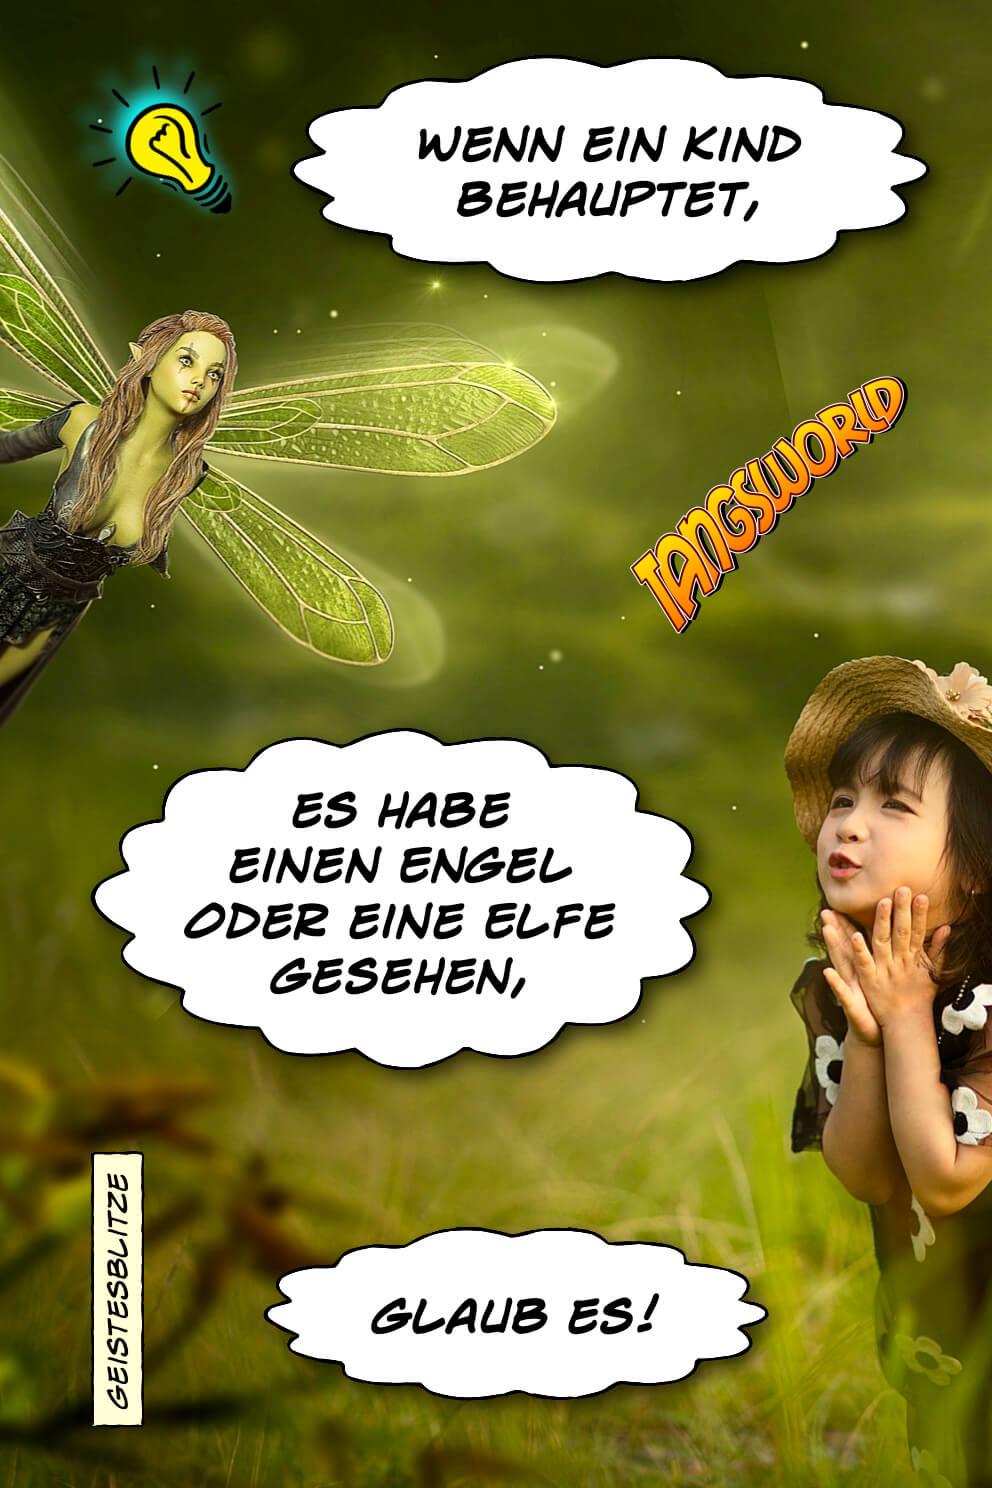 Wenn ein Kind behauptet, es habe einen Engel oder eine Elfe gesehen - glaub es! - Geistesblitze